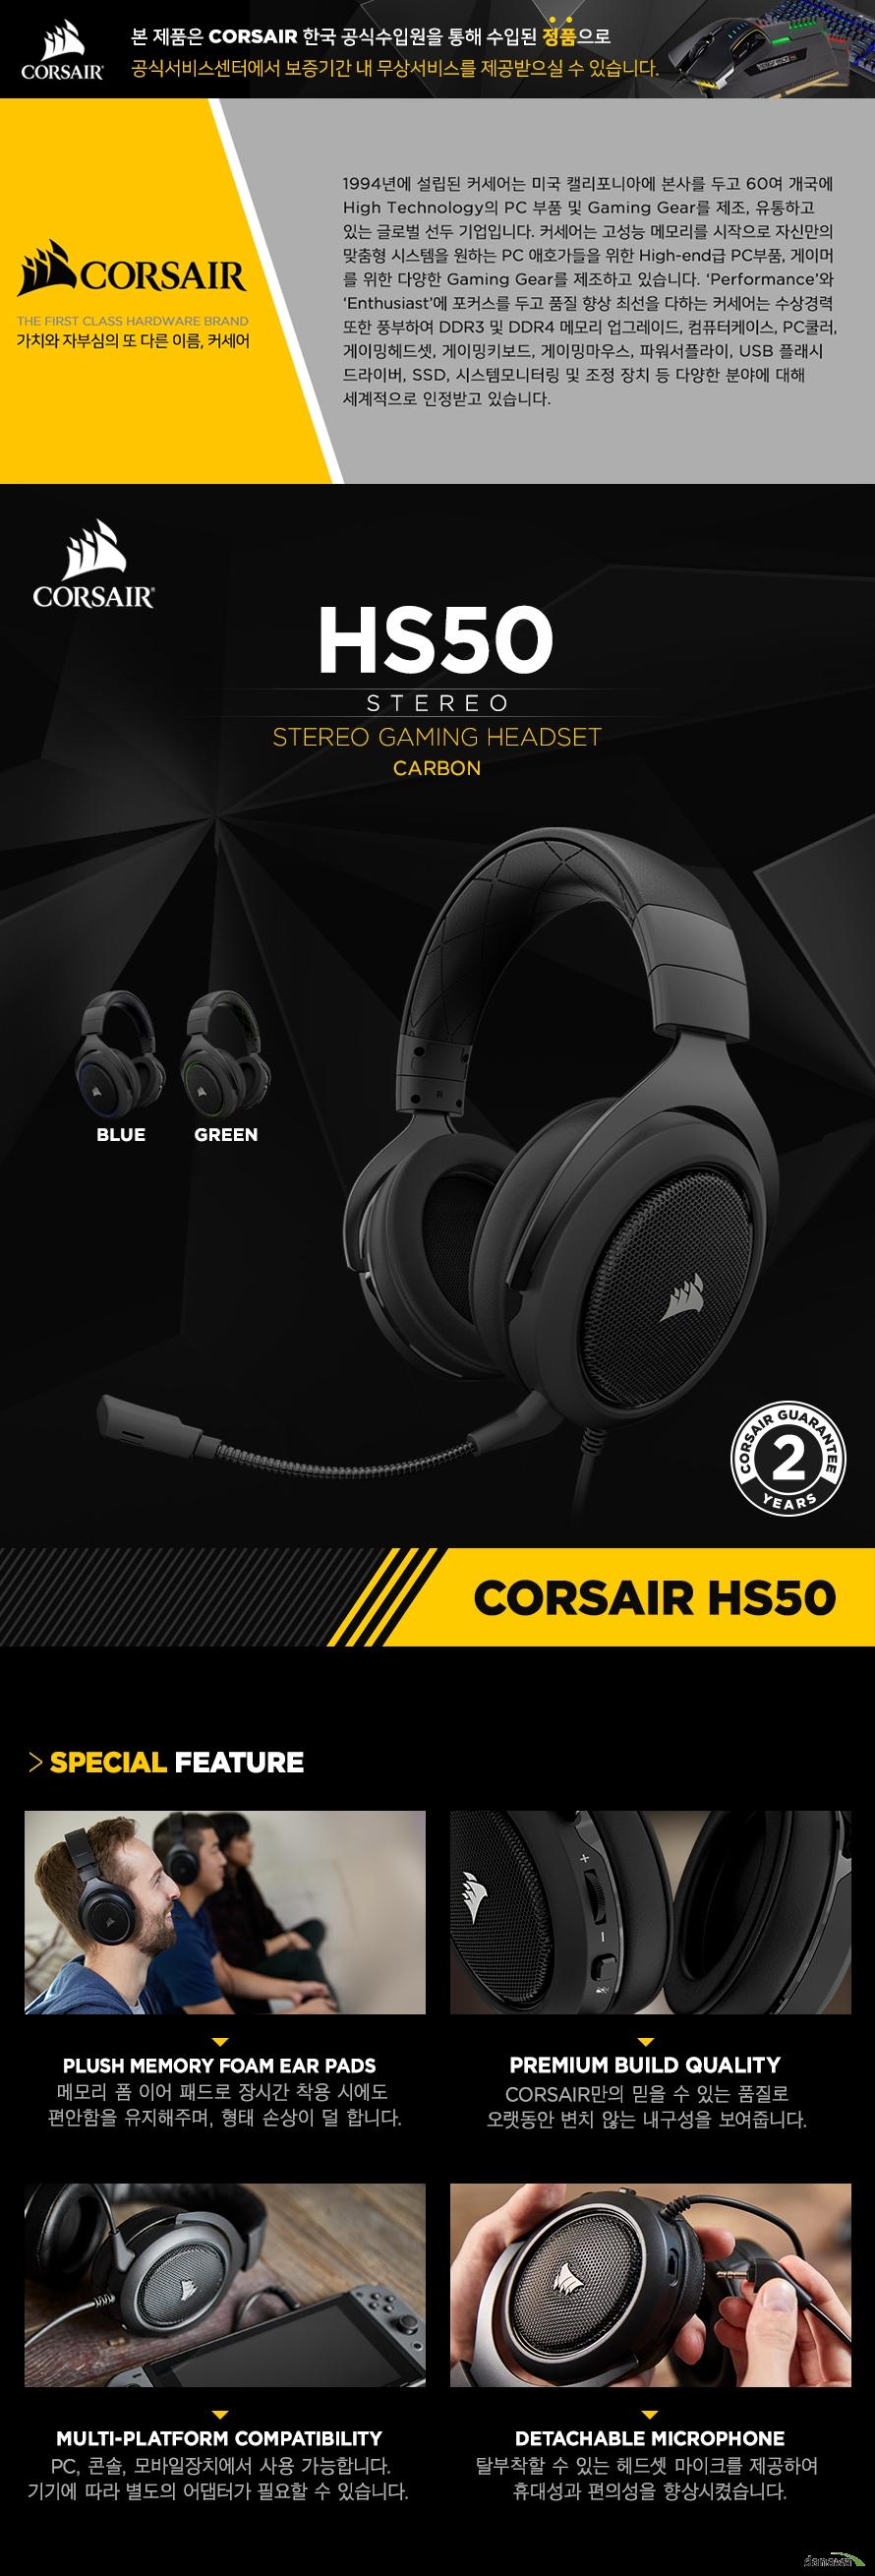 CORSAIR HS50 스테레오 게이밍 헤드셋